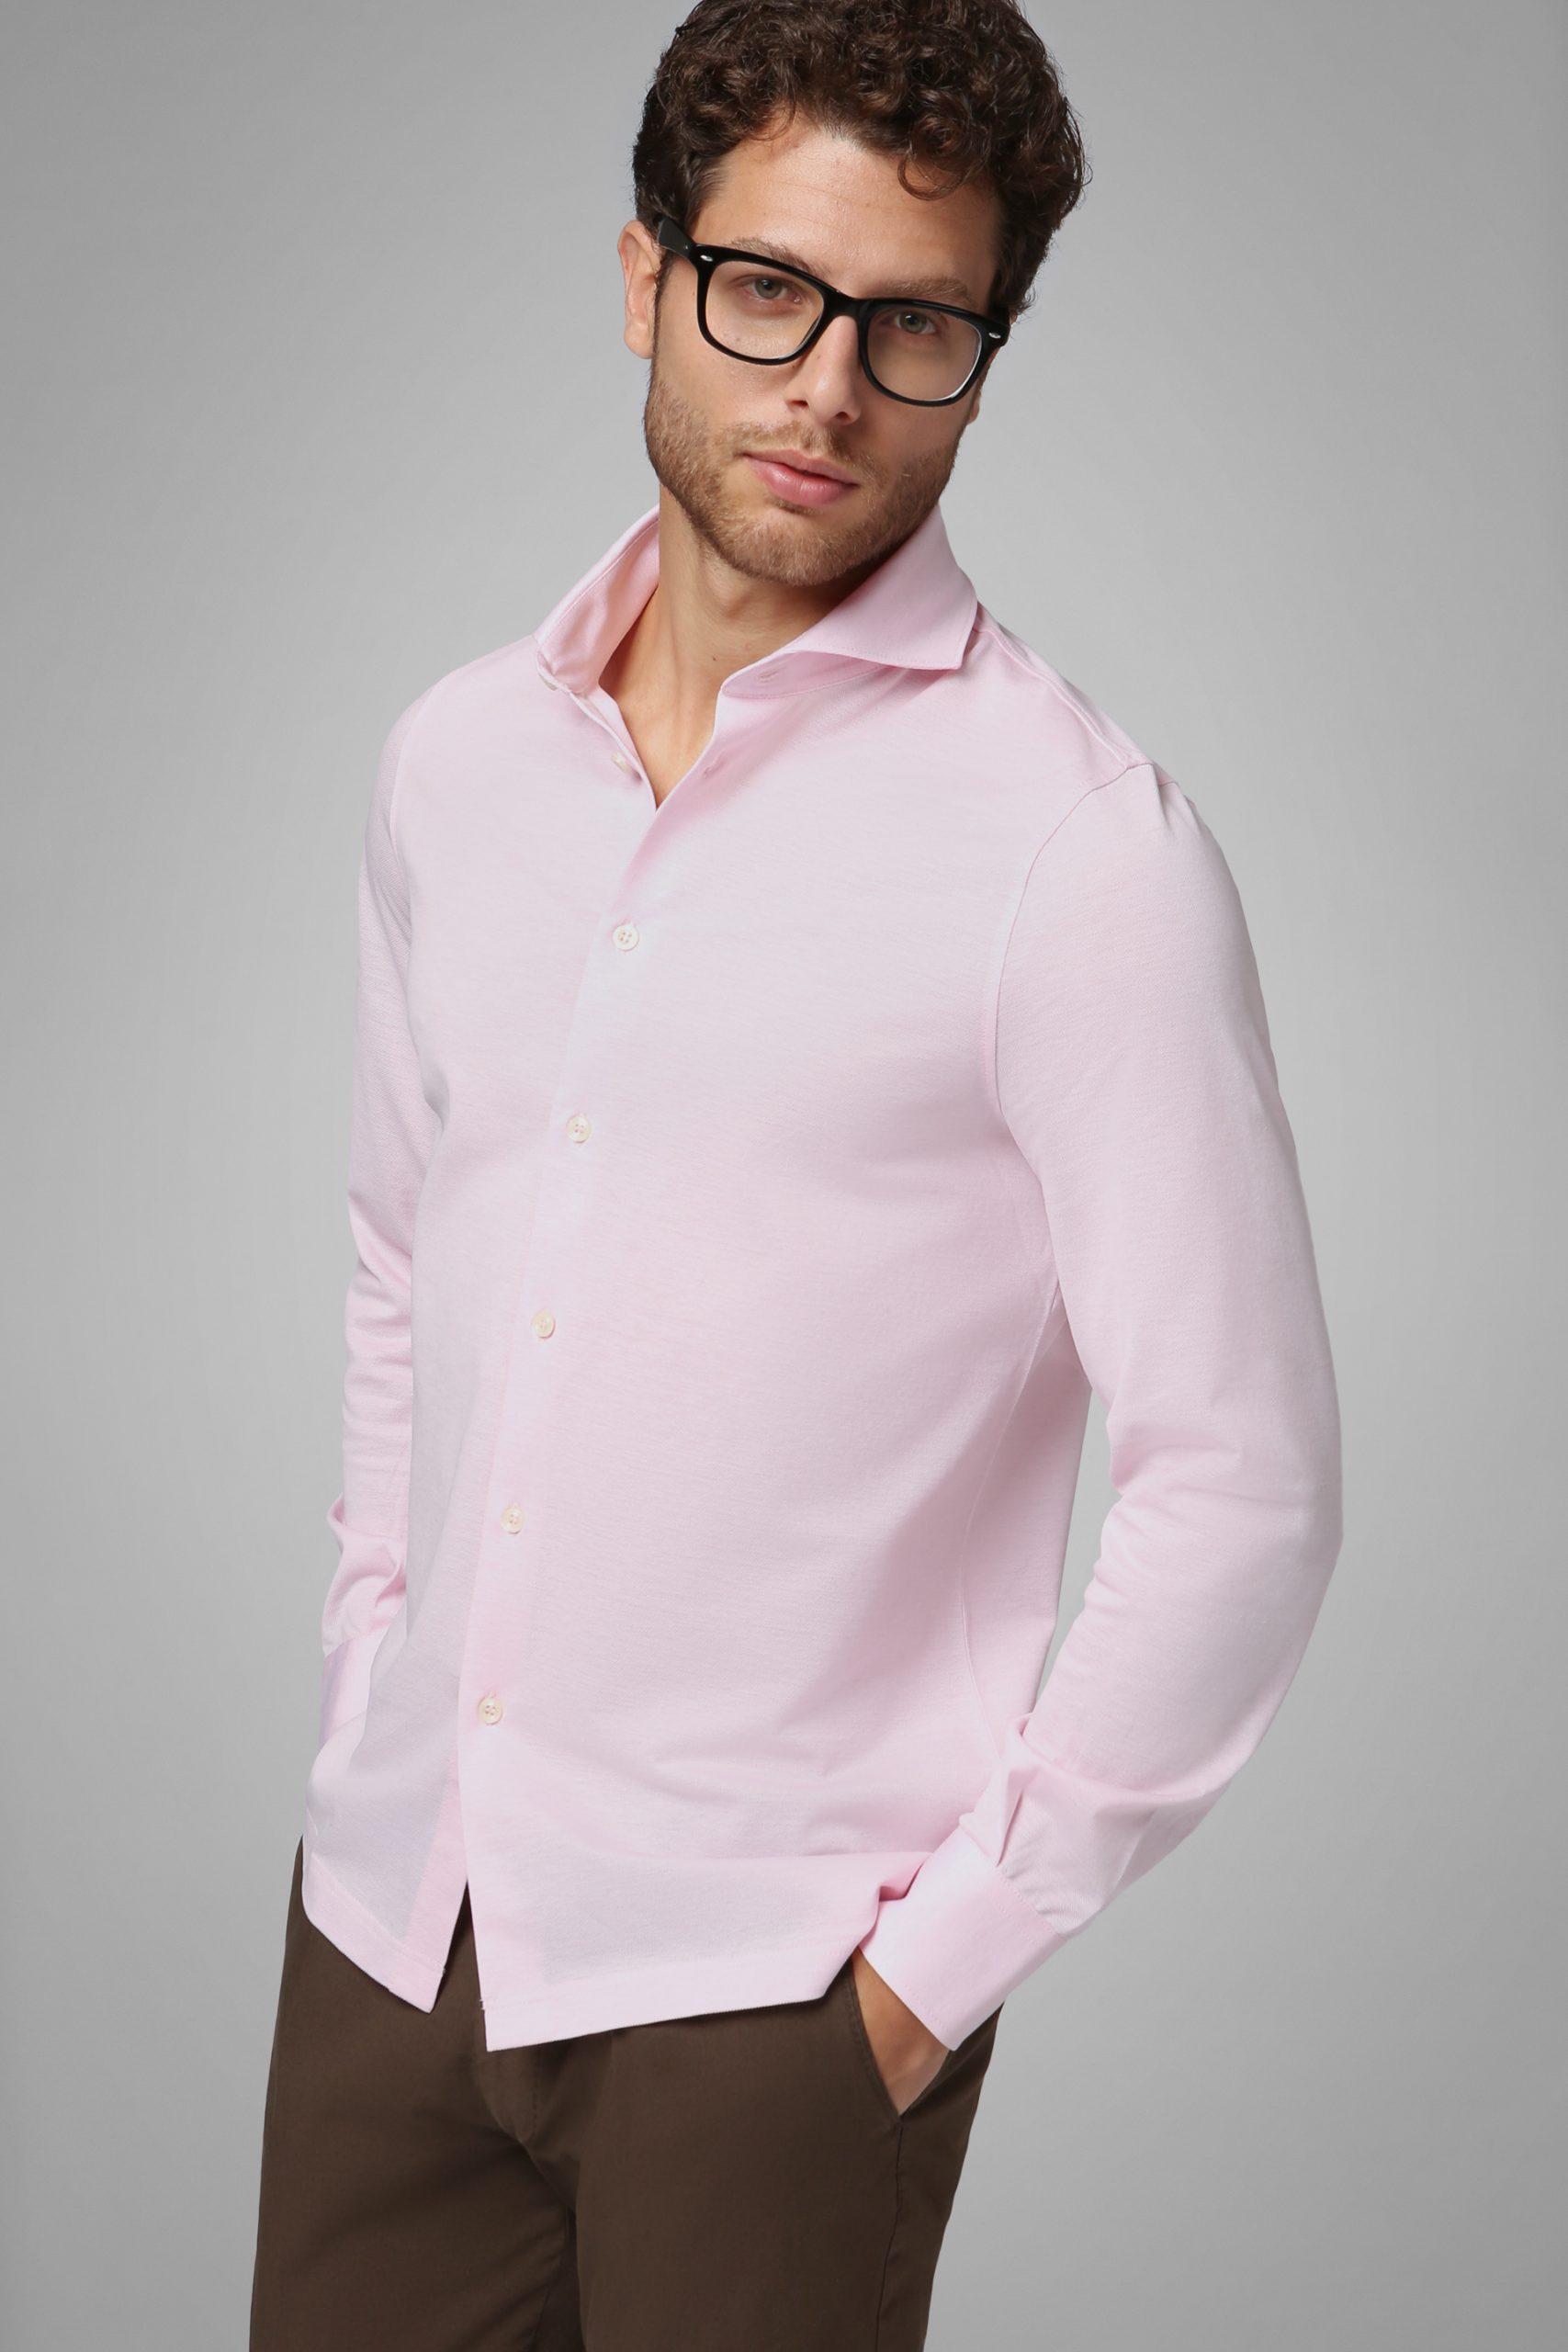 Camicie da uomo in colore Rosa in materiale